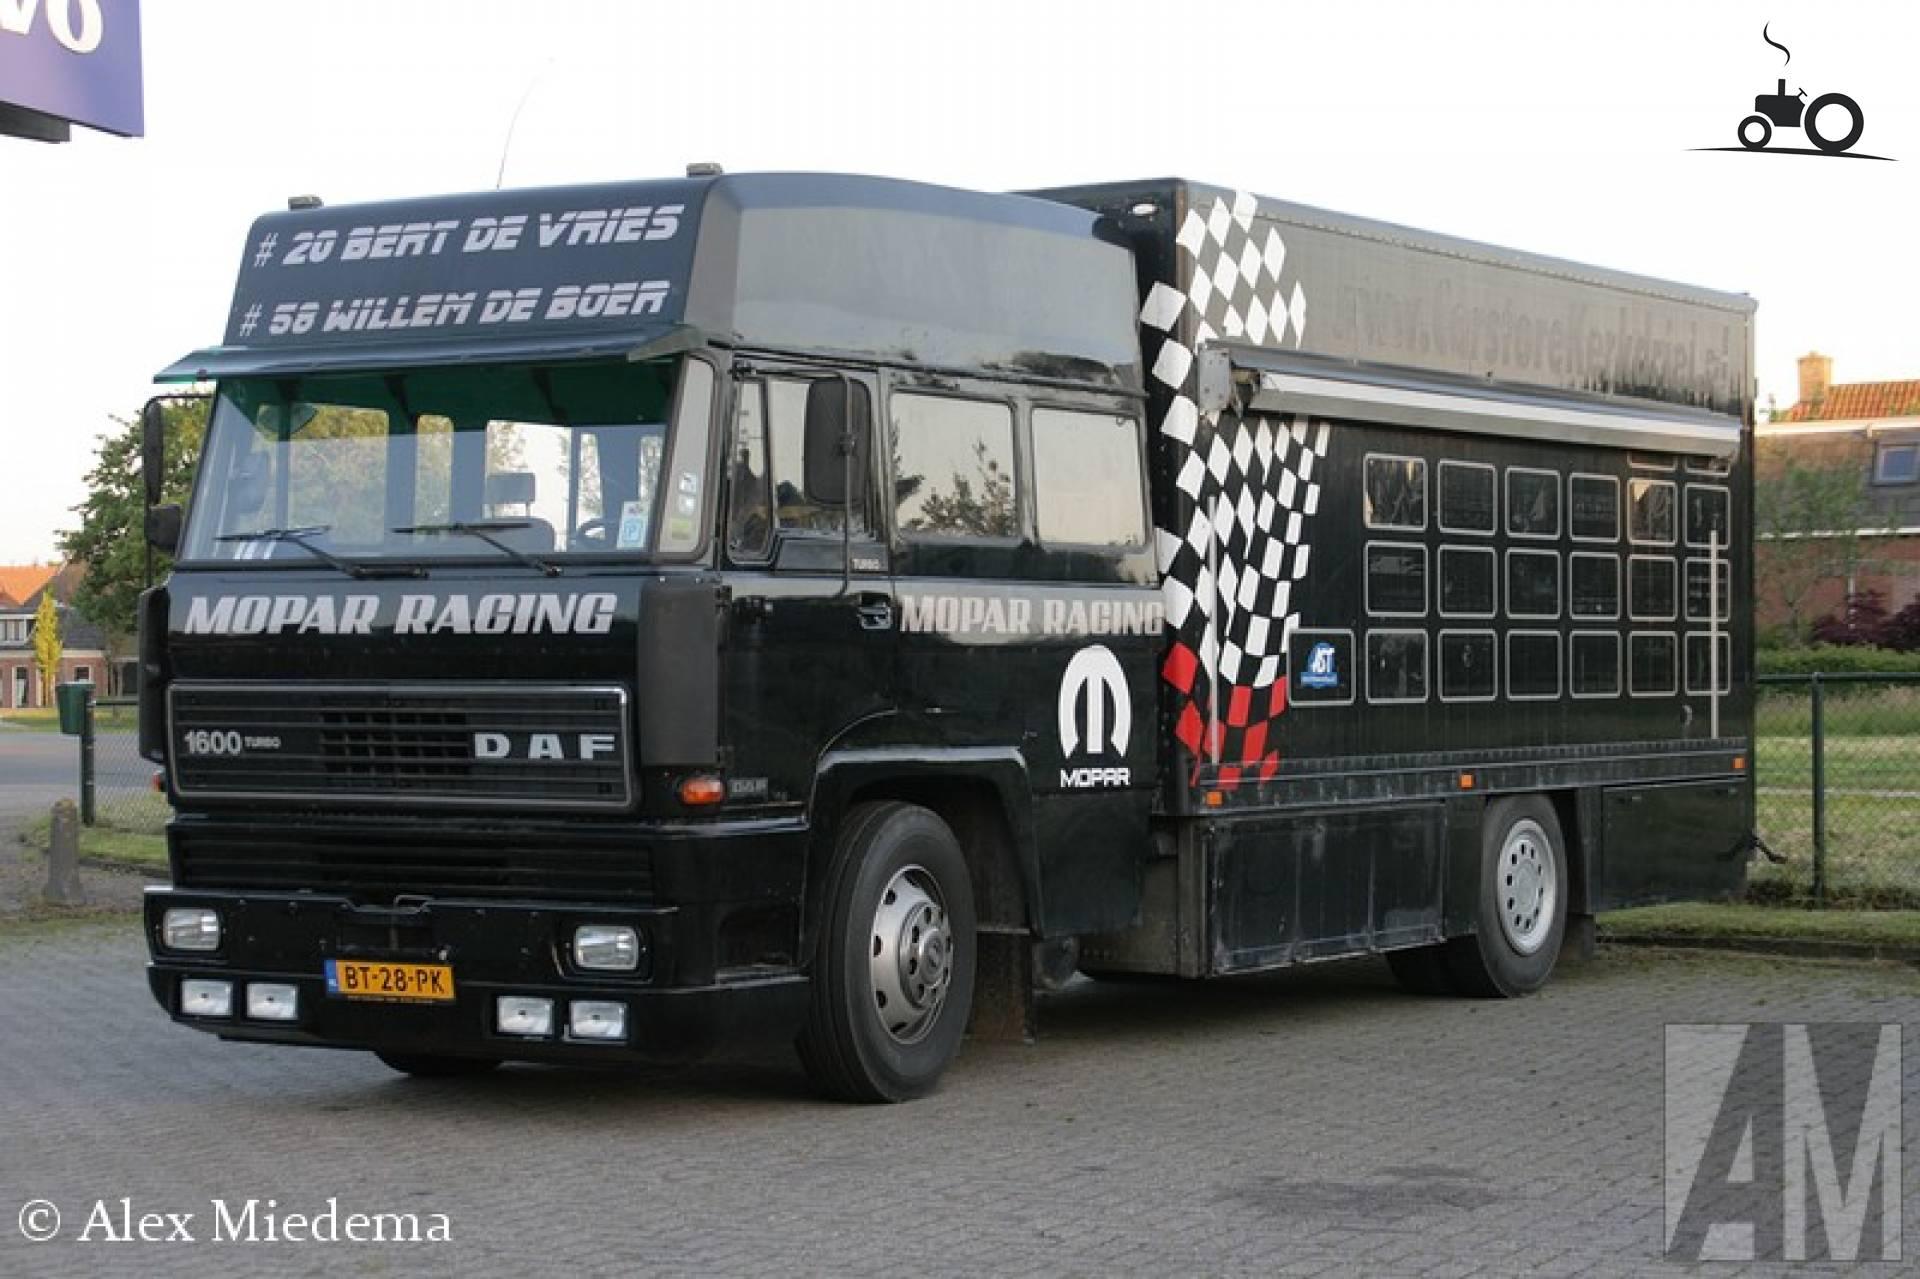 DAF 1600